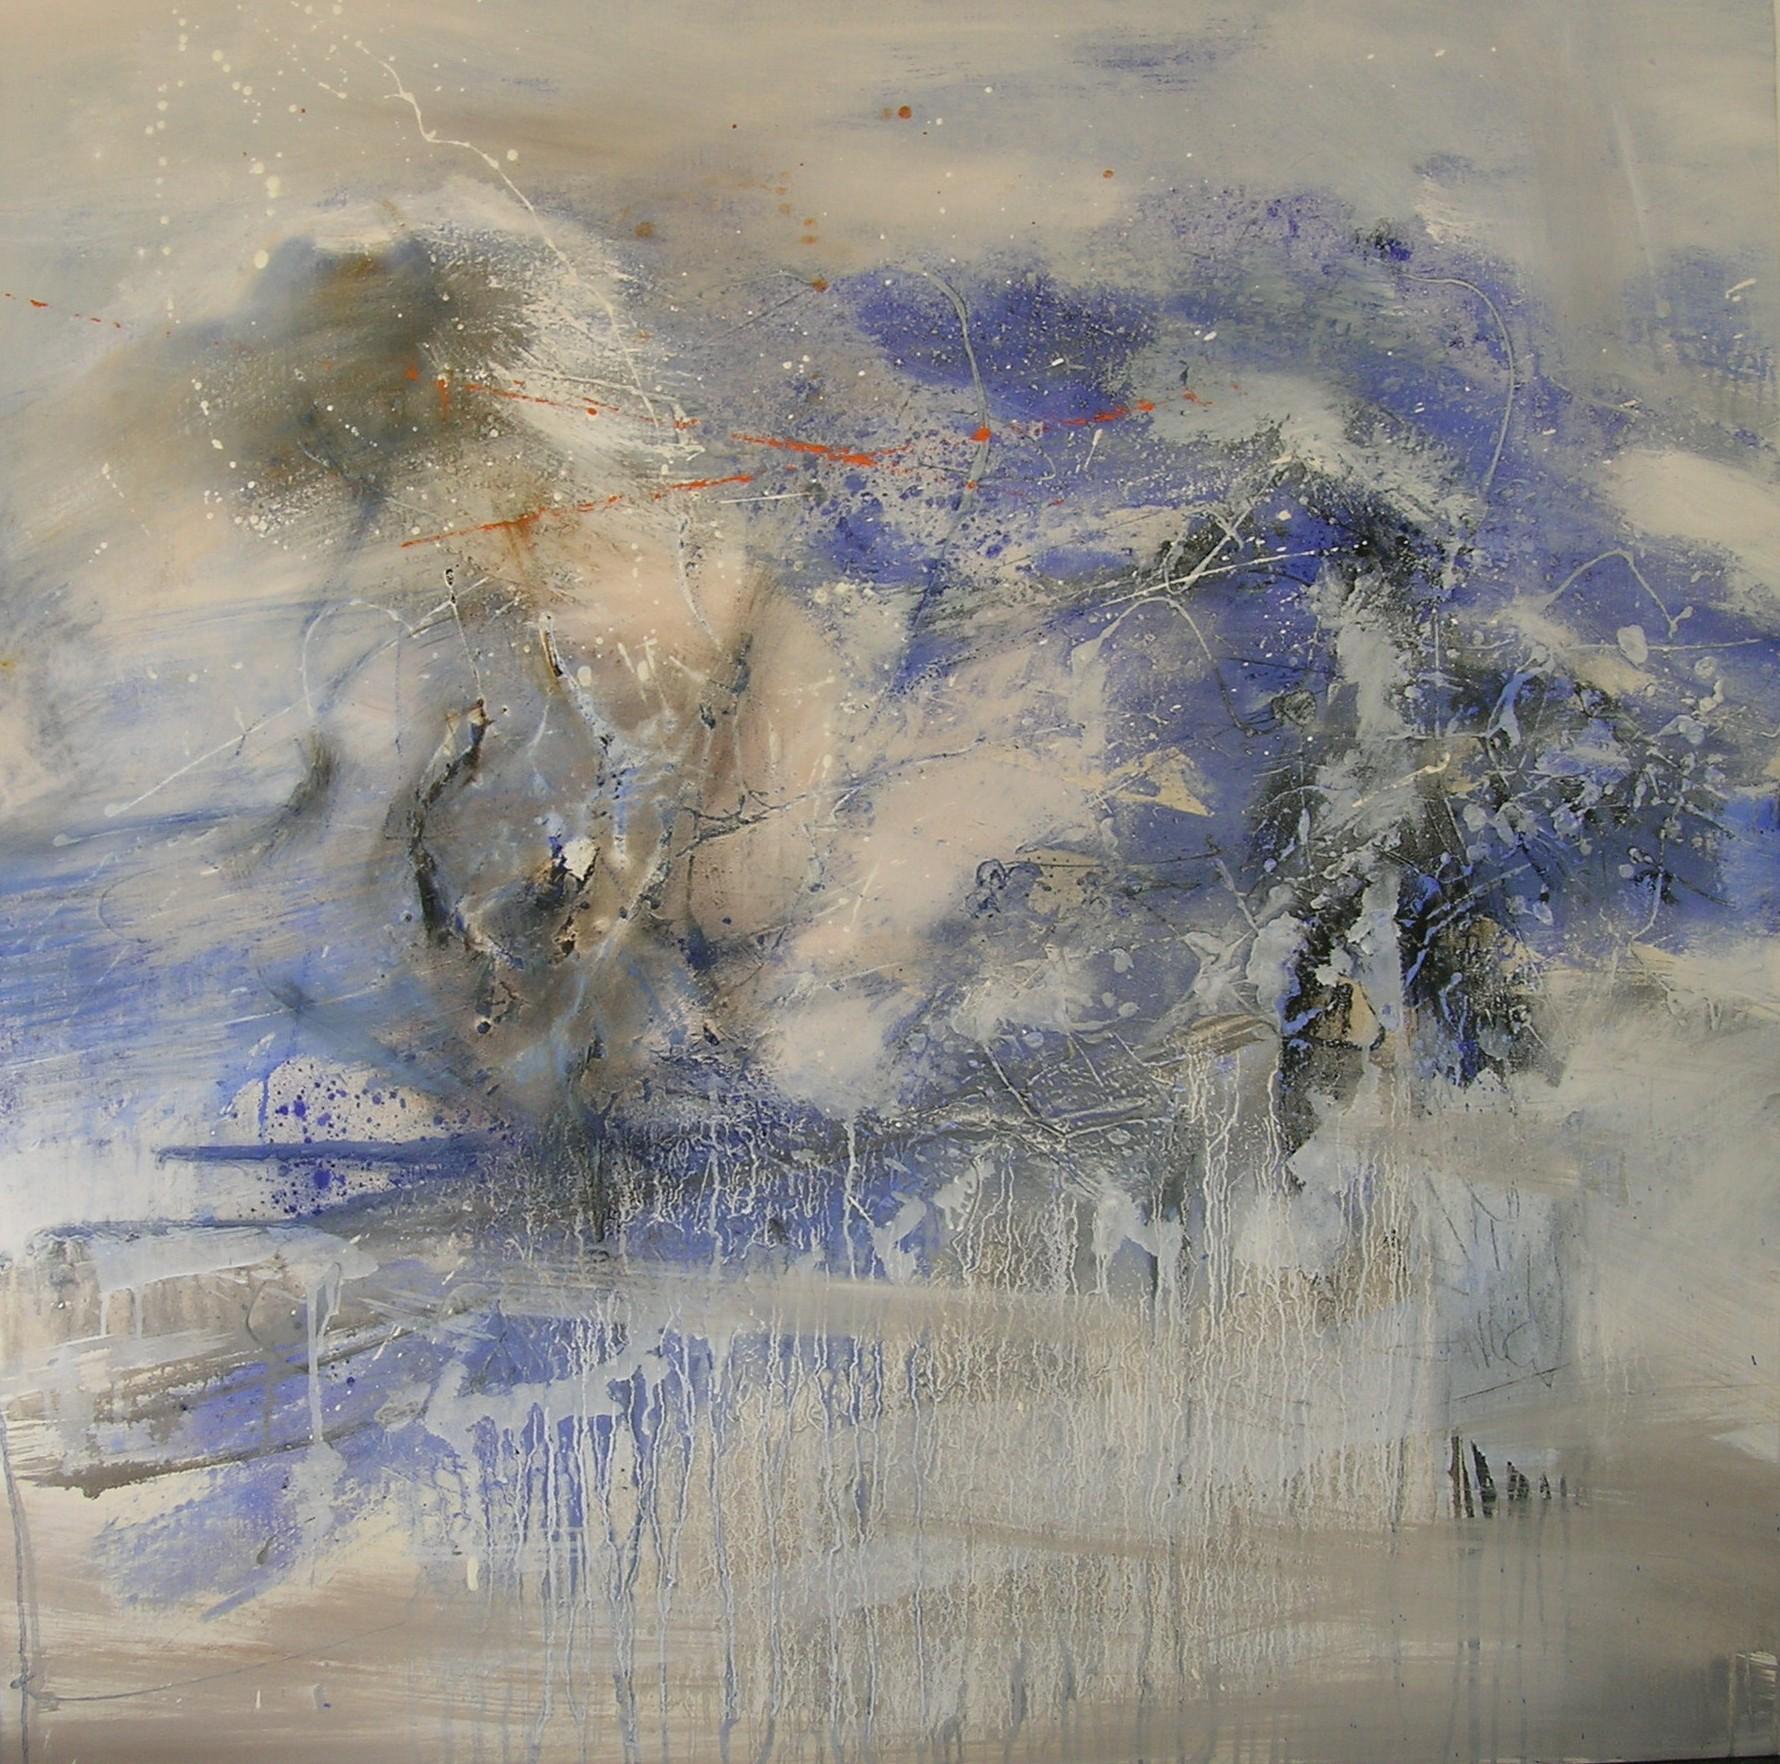 solstice d'hiver huile sur toile 100x100cm collection particulière